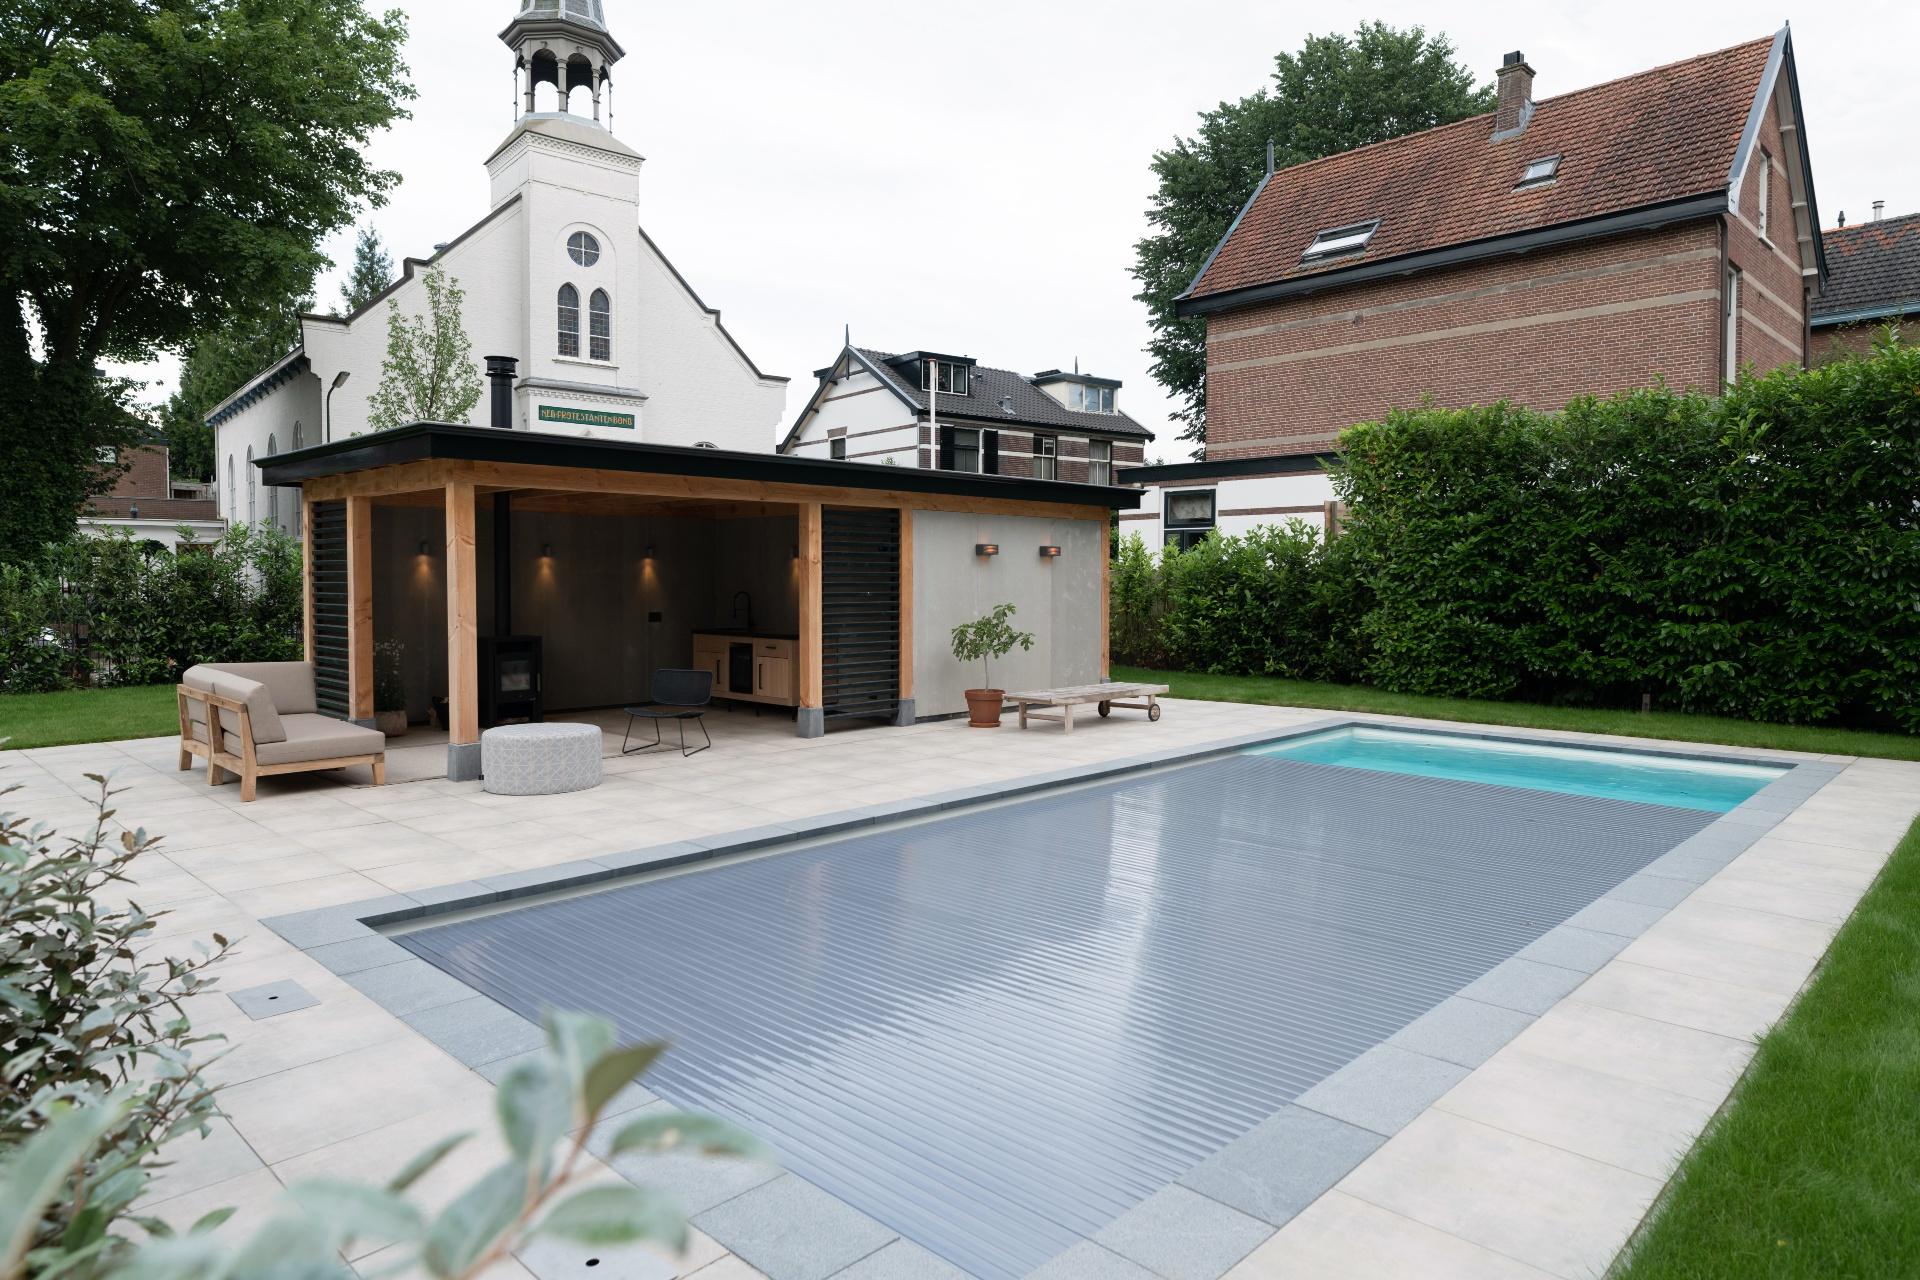 Tuin met zwembad Starline met roldeck en poolhouse